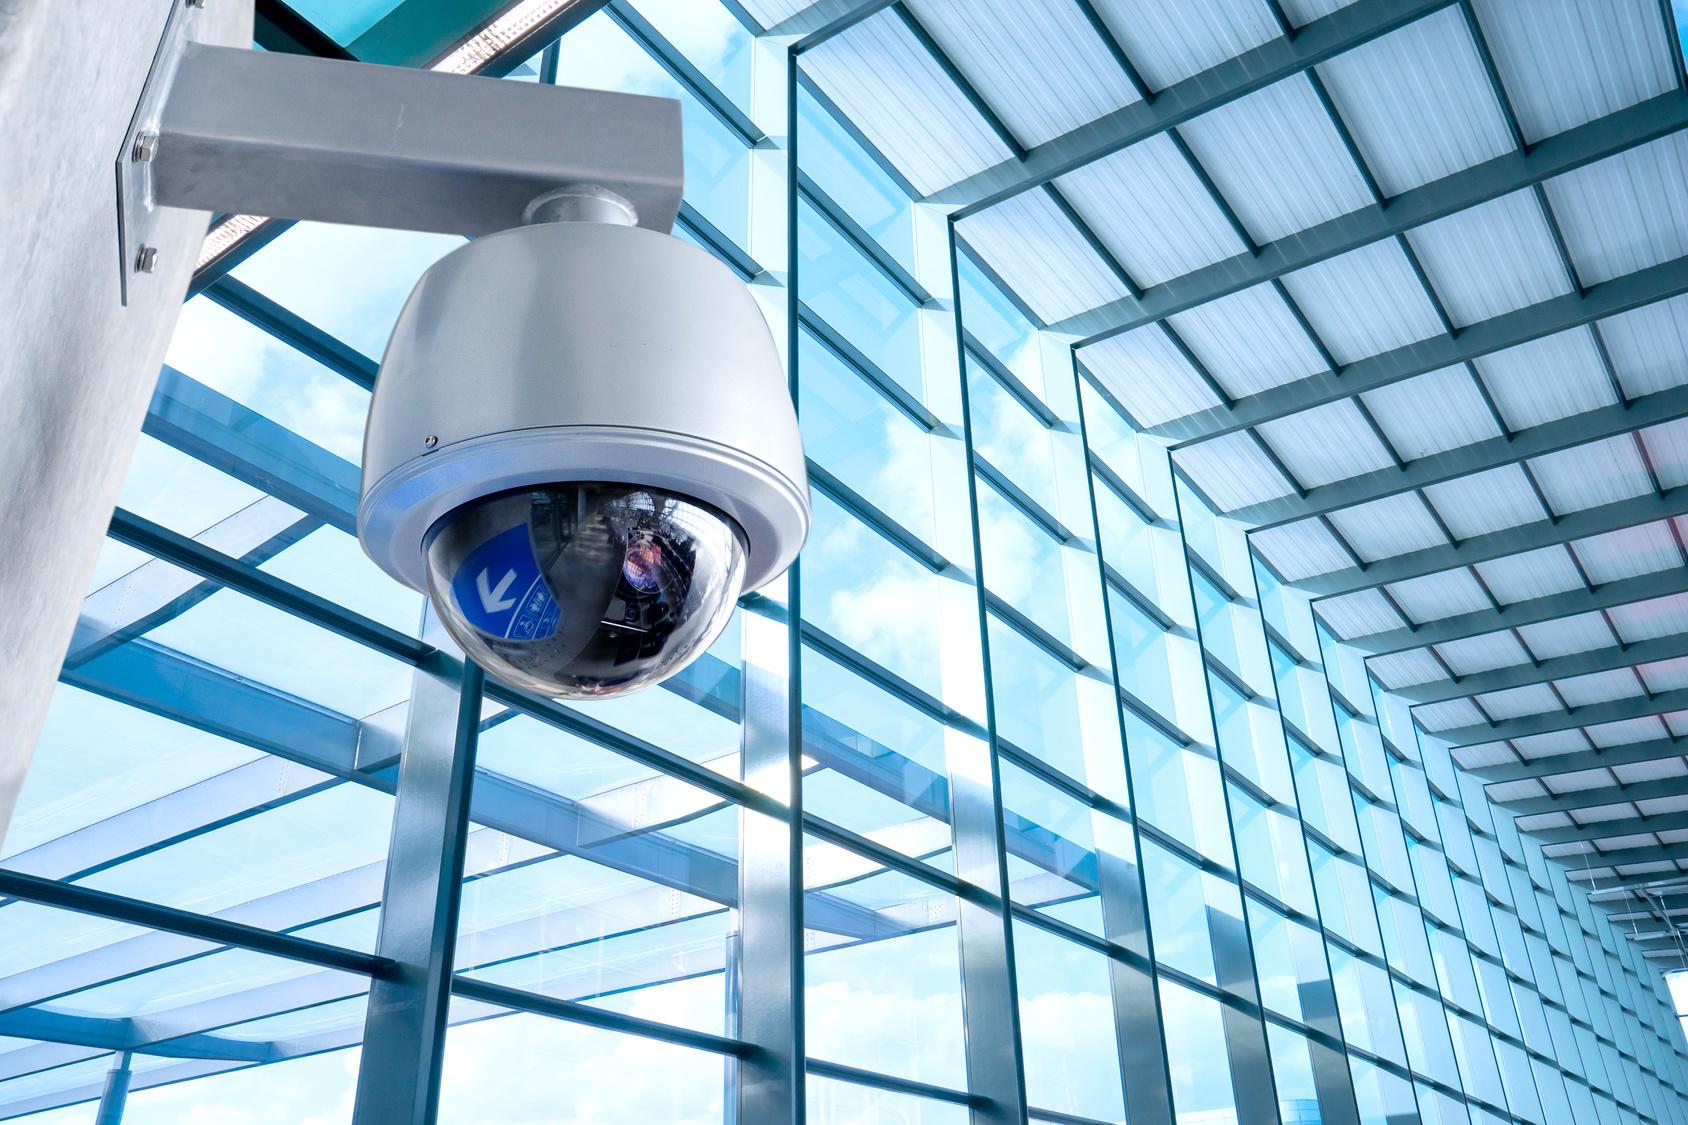 videosorveglianza - Tlc e privacy. Occhi sempre vigili: la sicurezza urbana si affida alla videosorveglianza